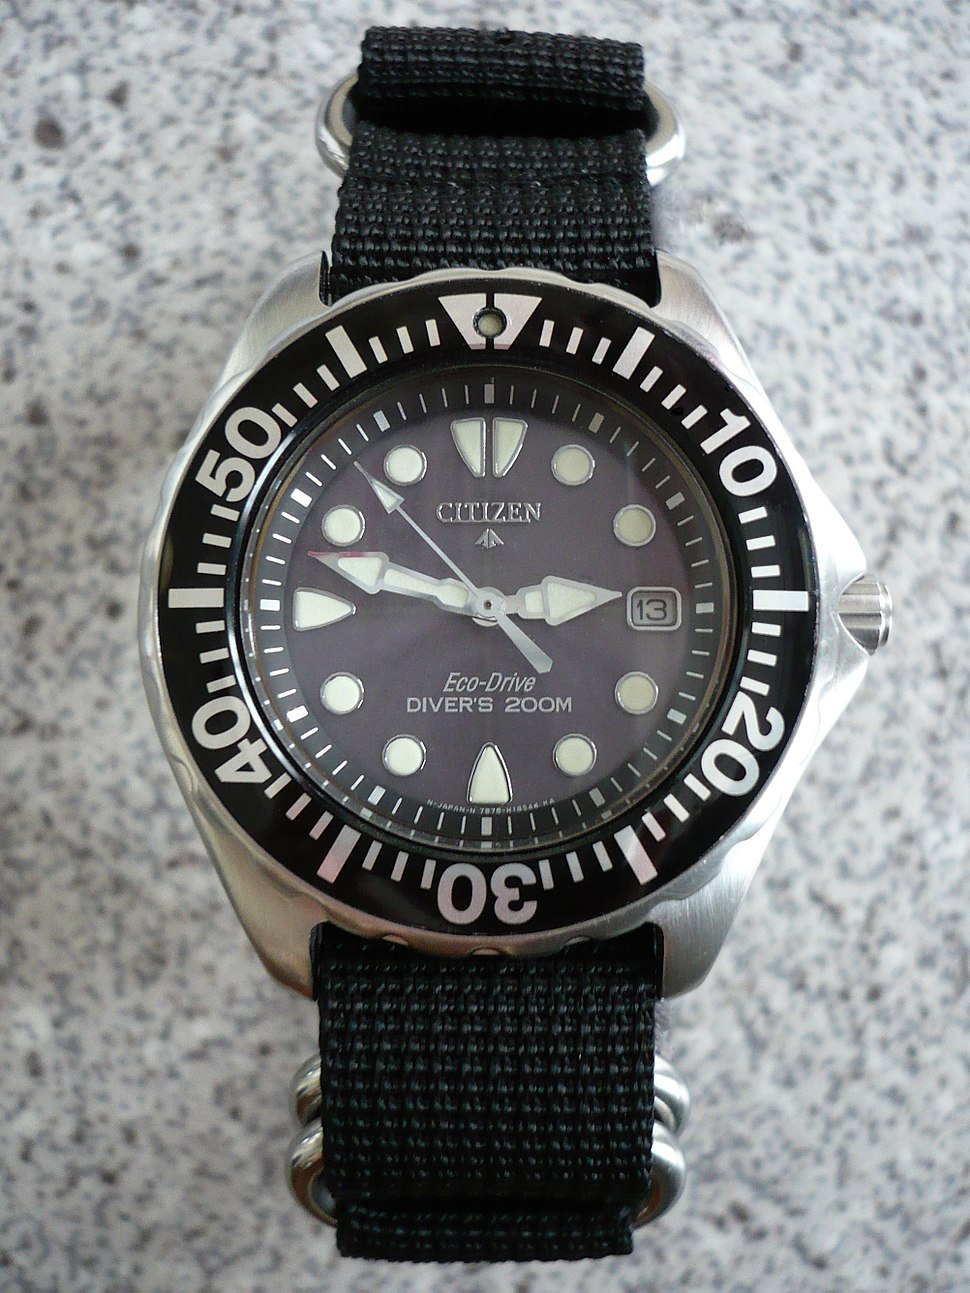 Citizen Promaster Eco-Drive AP0440-14F Diver's 200 m on a 4-ring NATO style strap